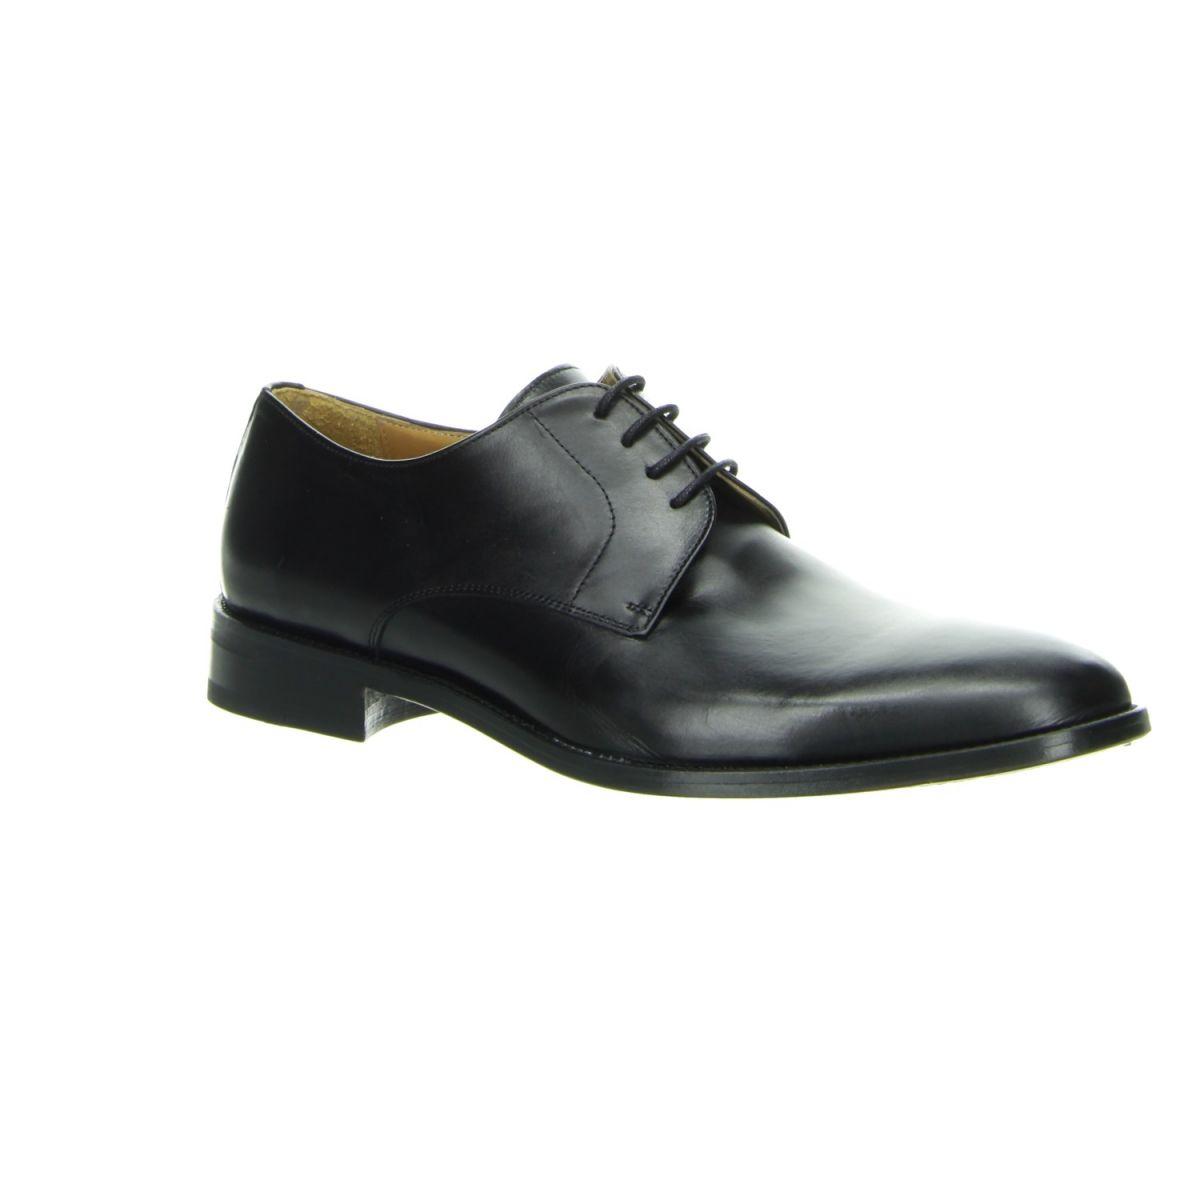 Edle K&K Schuhe für den Bräutigam! #Wedding #Hochzeit #Groom